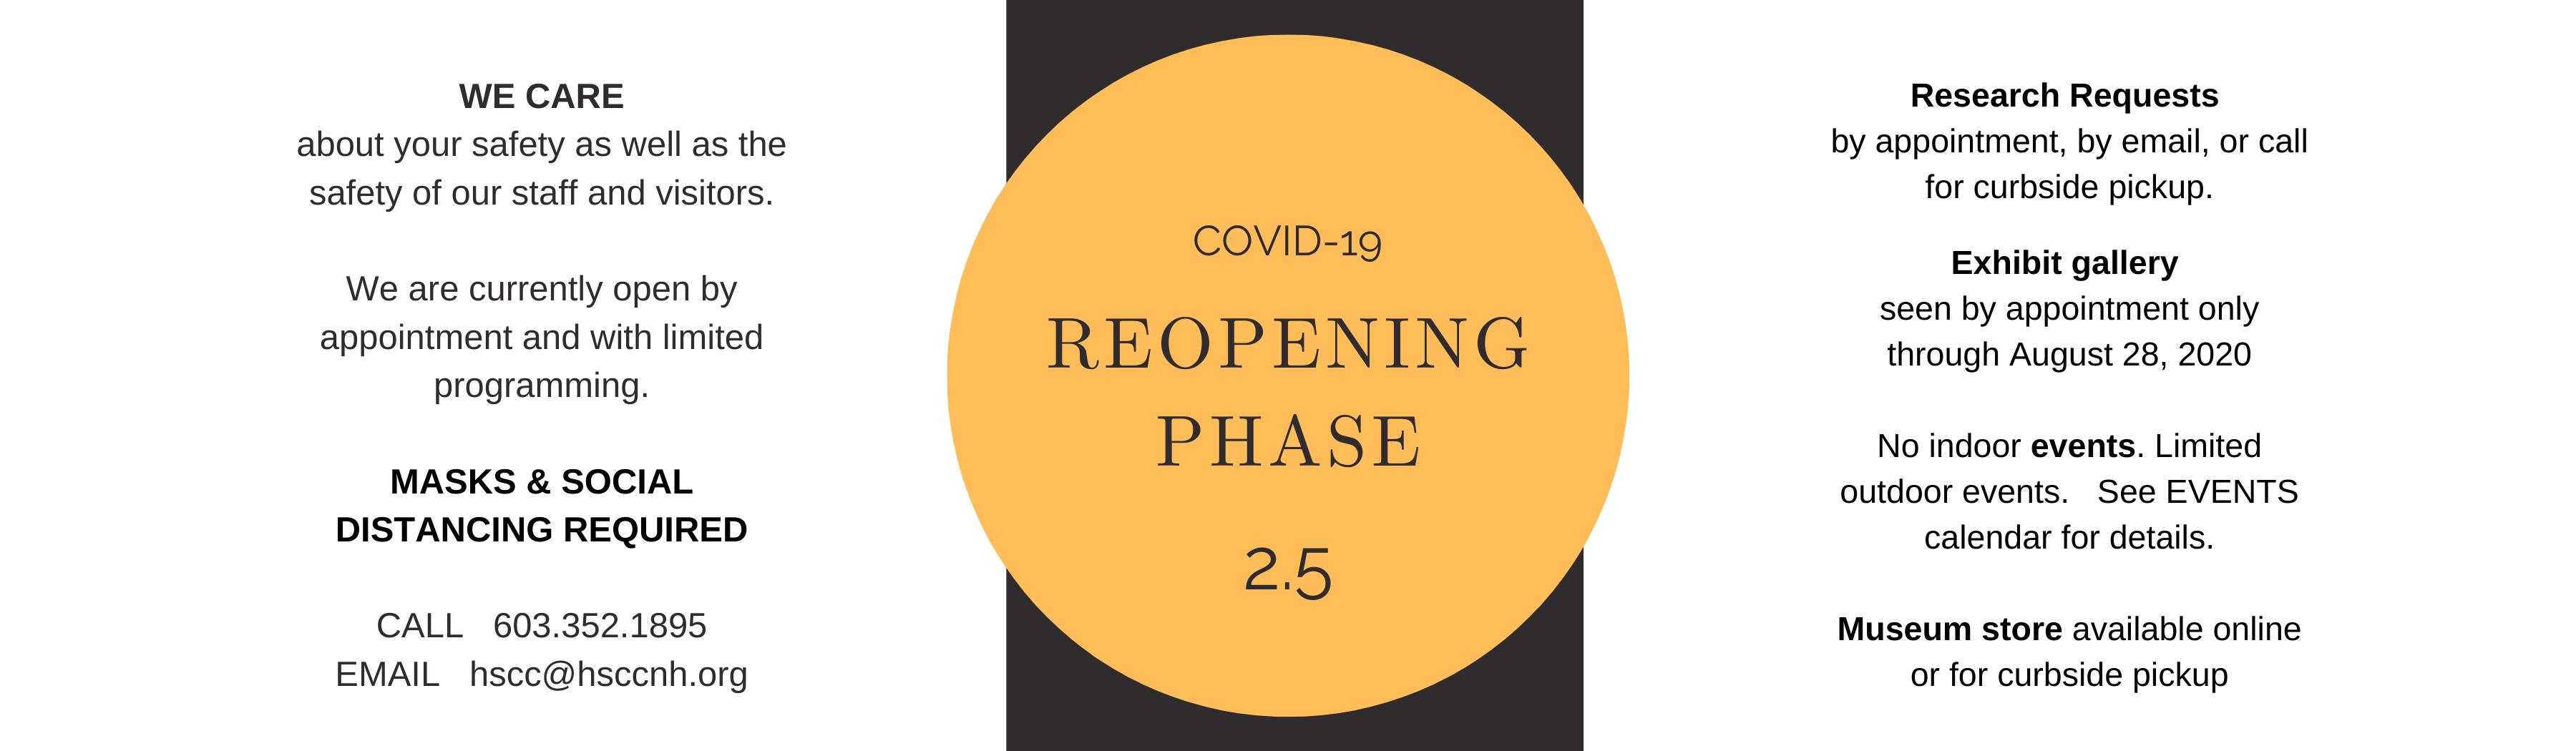 reopening plan 2.5